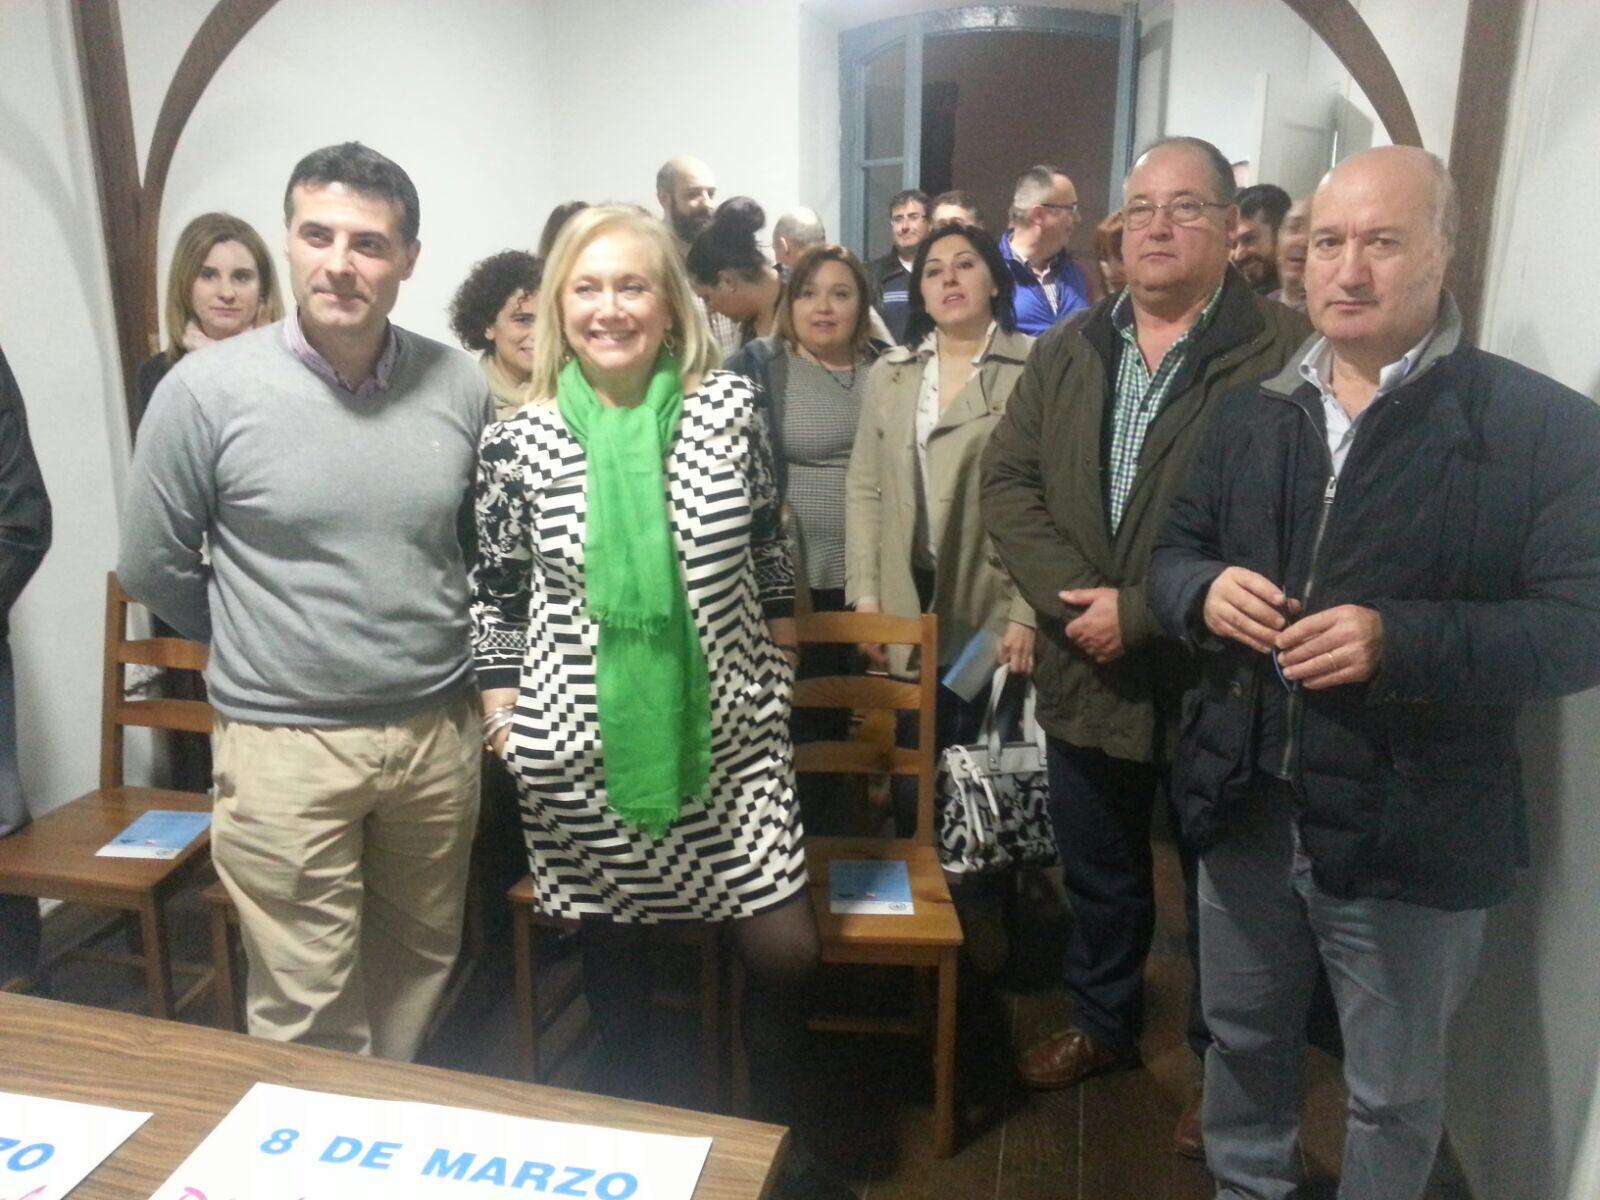 CANGAS DEL NARCEA.- Nueva sede del PP local